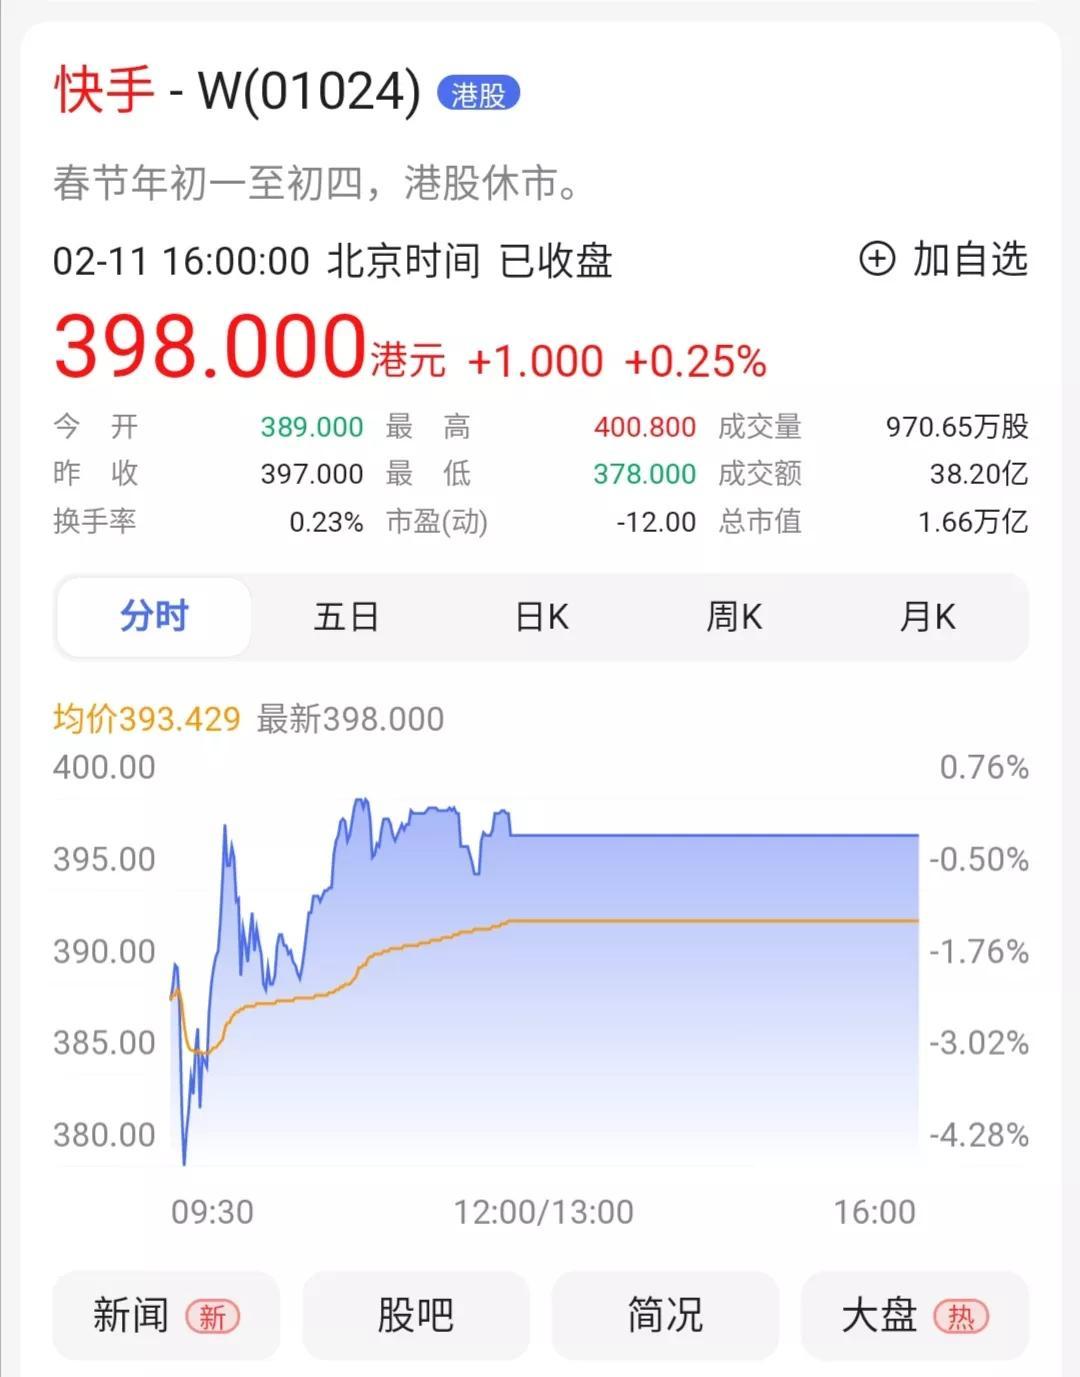 自动加速股价爆炸